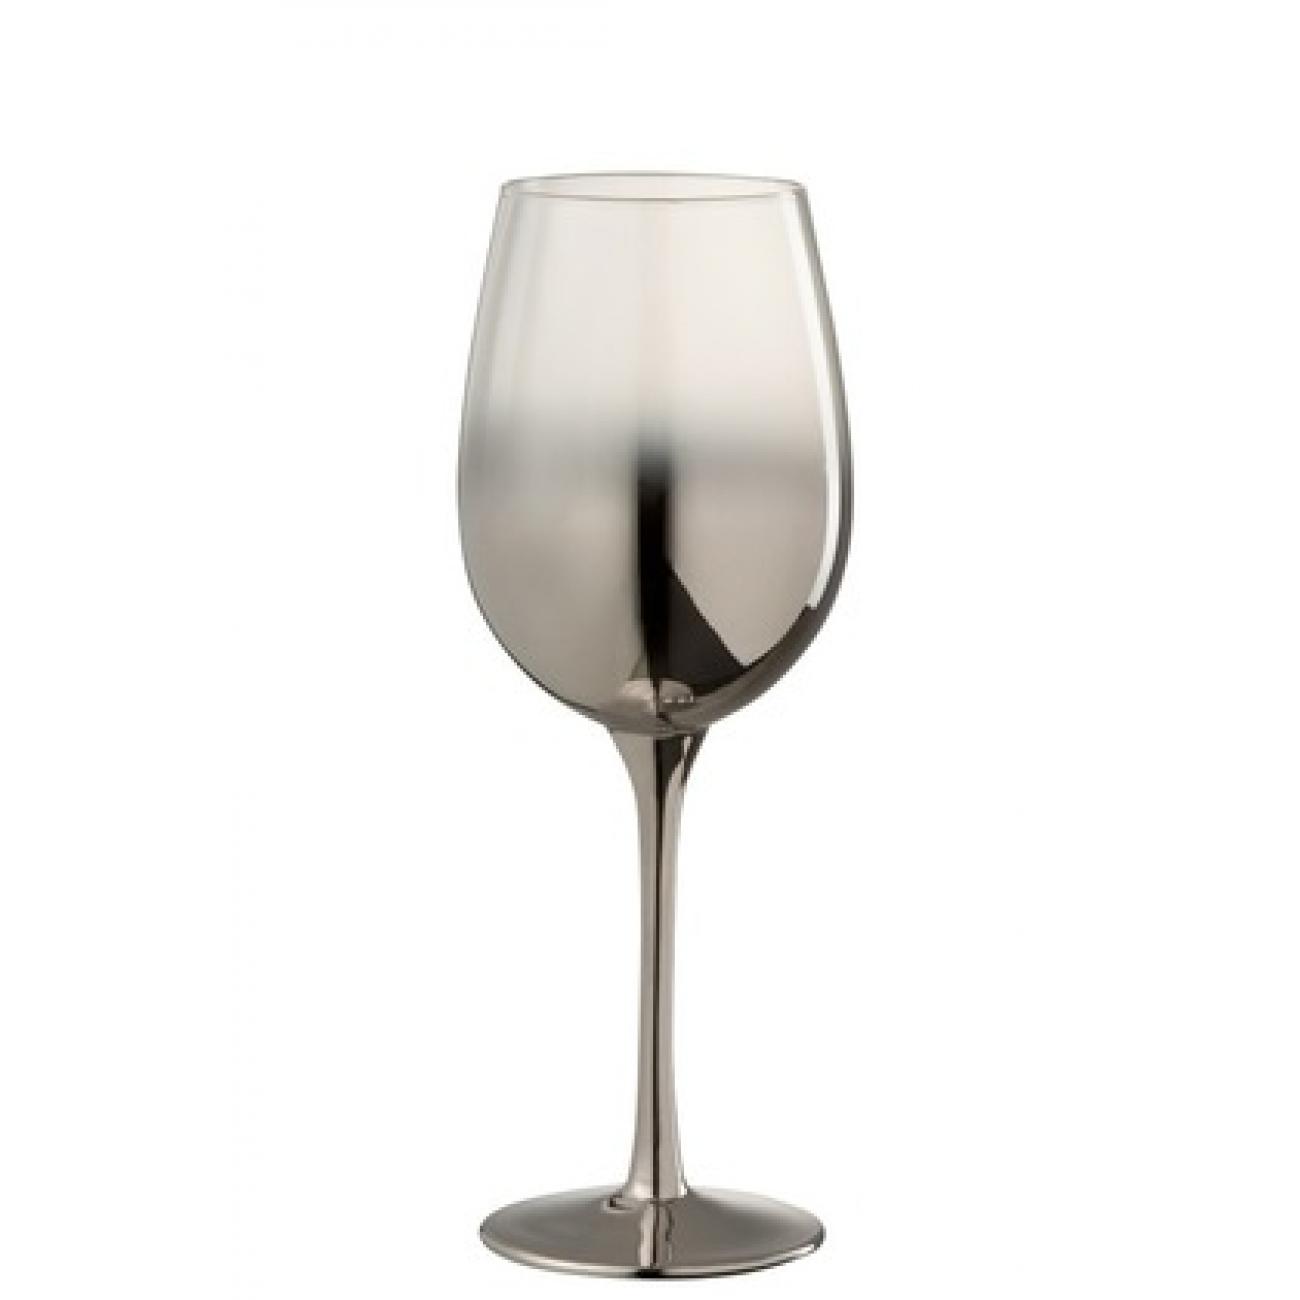 Бокал для вина стеклянный  J-LINE серебряного цвета зеркальный обьем 360 мл Бельгия